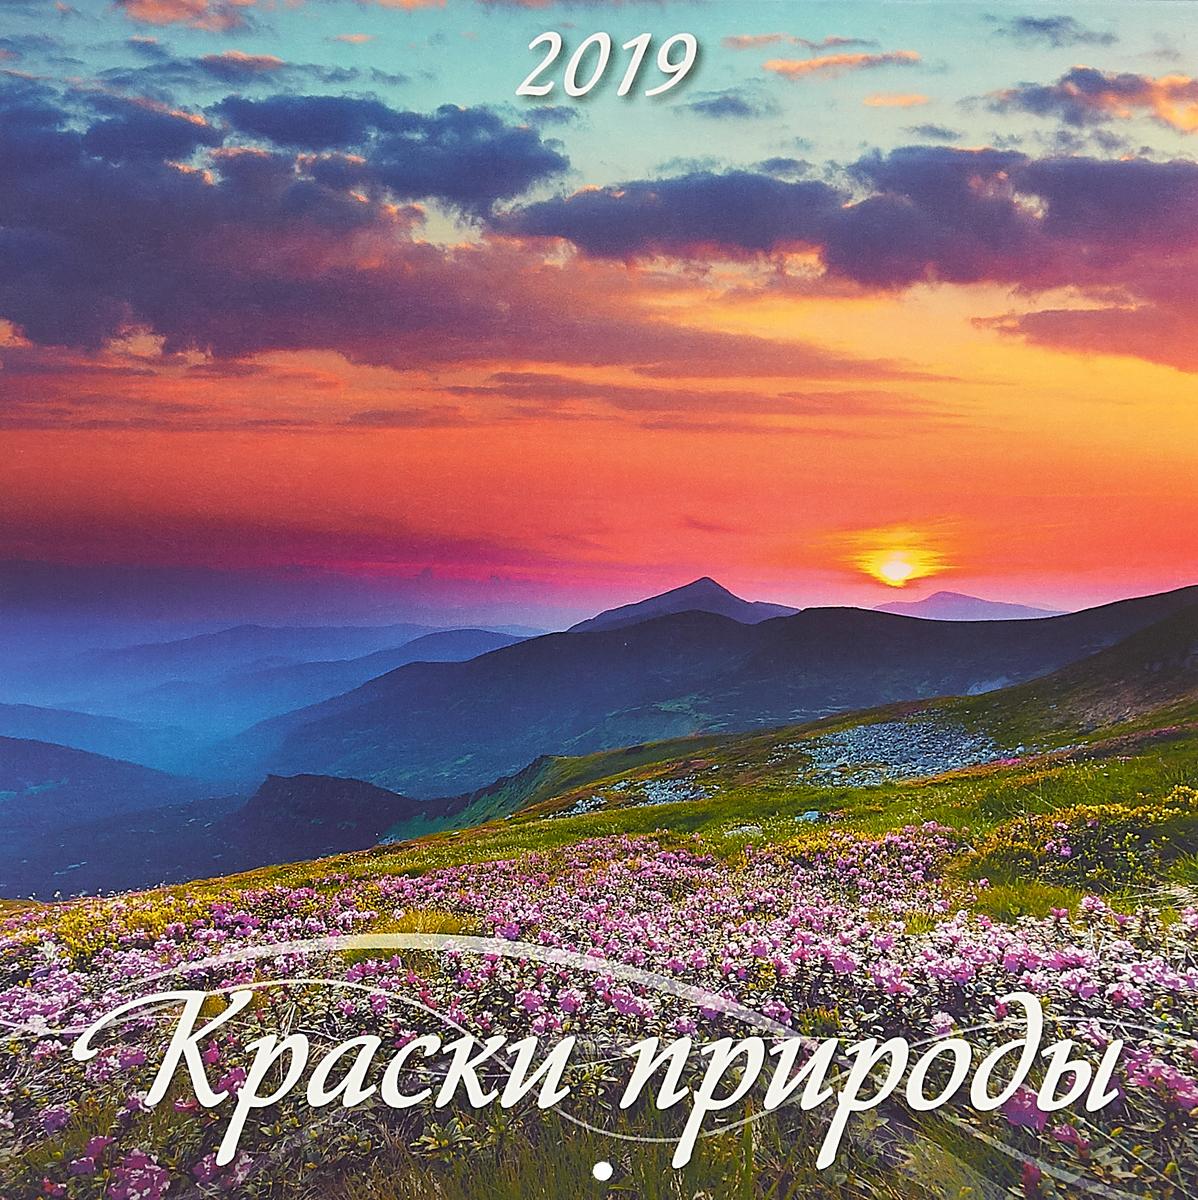 Краски природы. Календарь (285*285) 2019 календарь настенный 2016г 285 280мм 12л на скрепке d3657